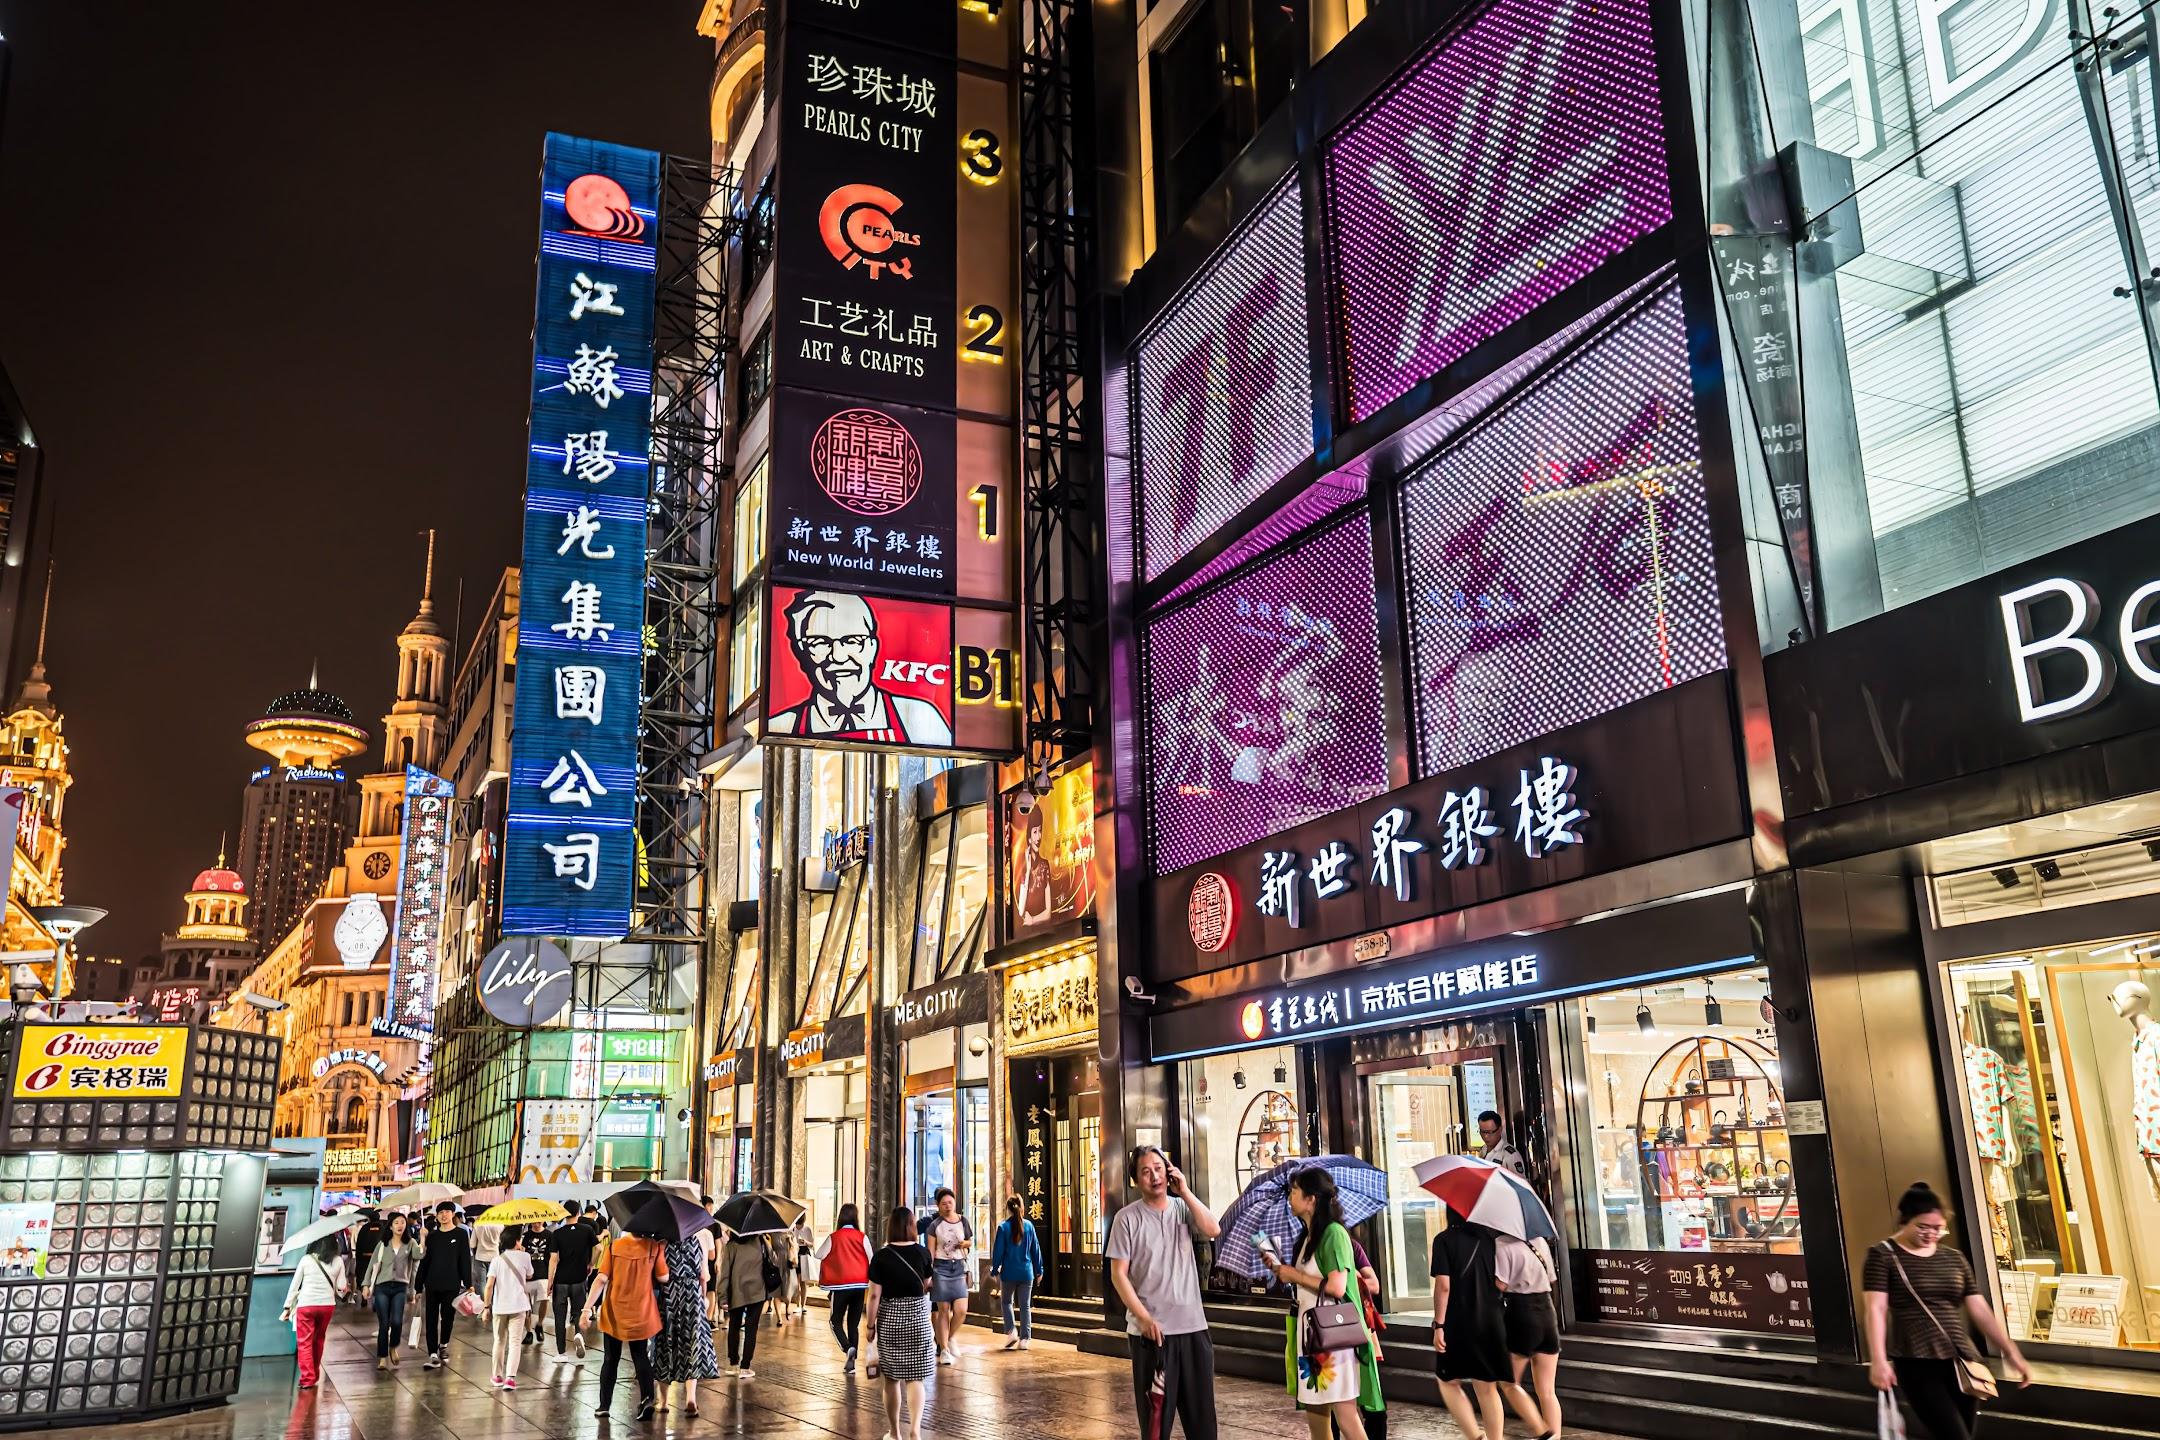 上海 南京東路 夜2